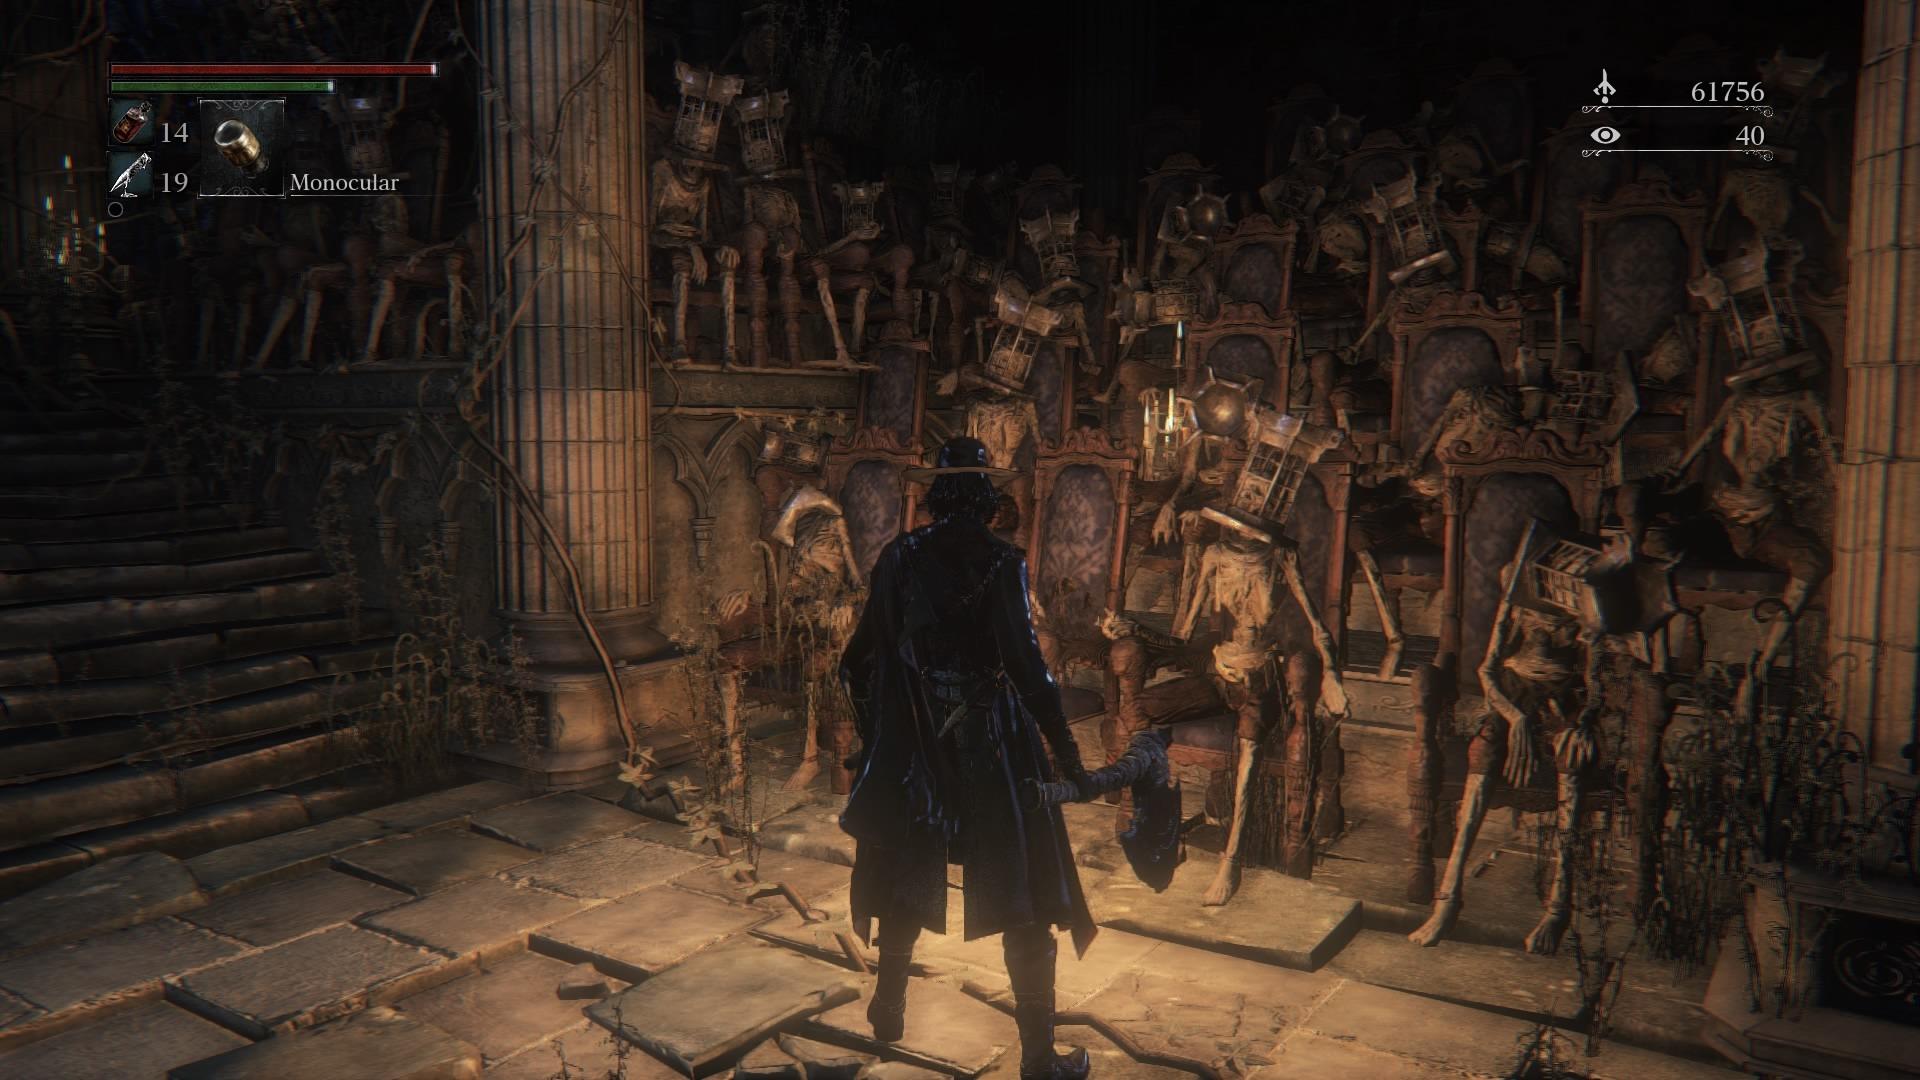 Decenas de cuerpos sentados con jaulas en sus cabezas